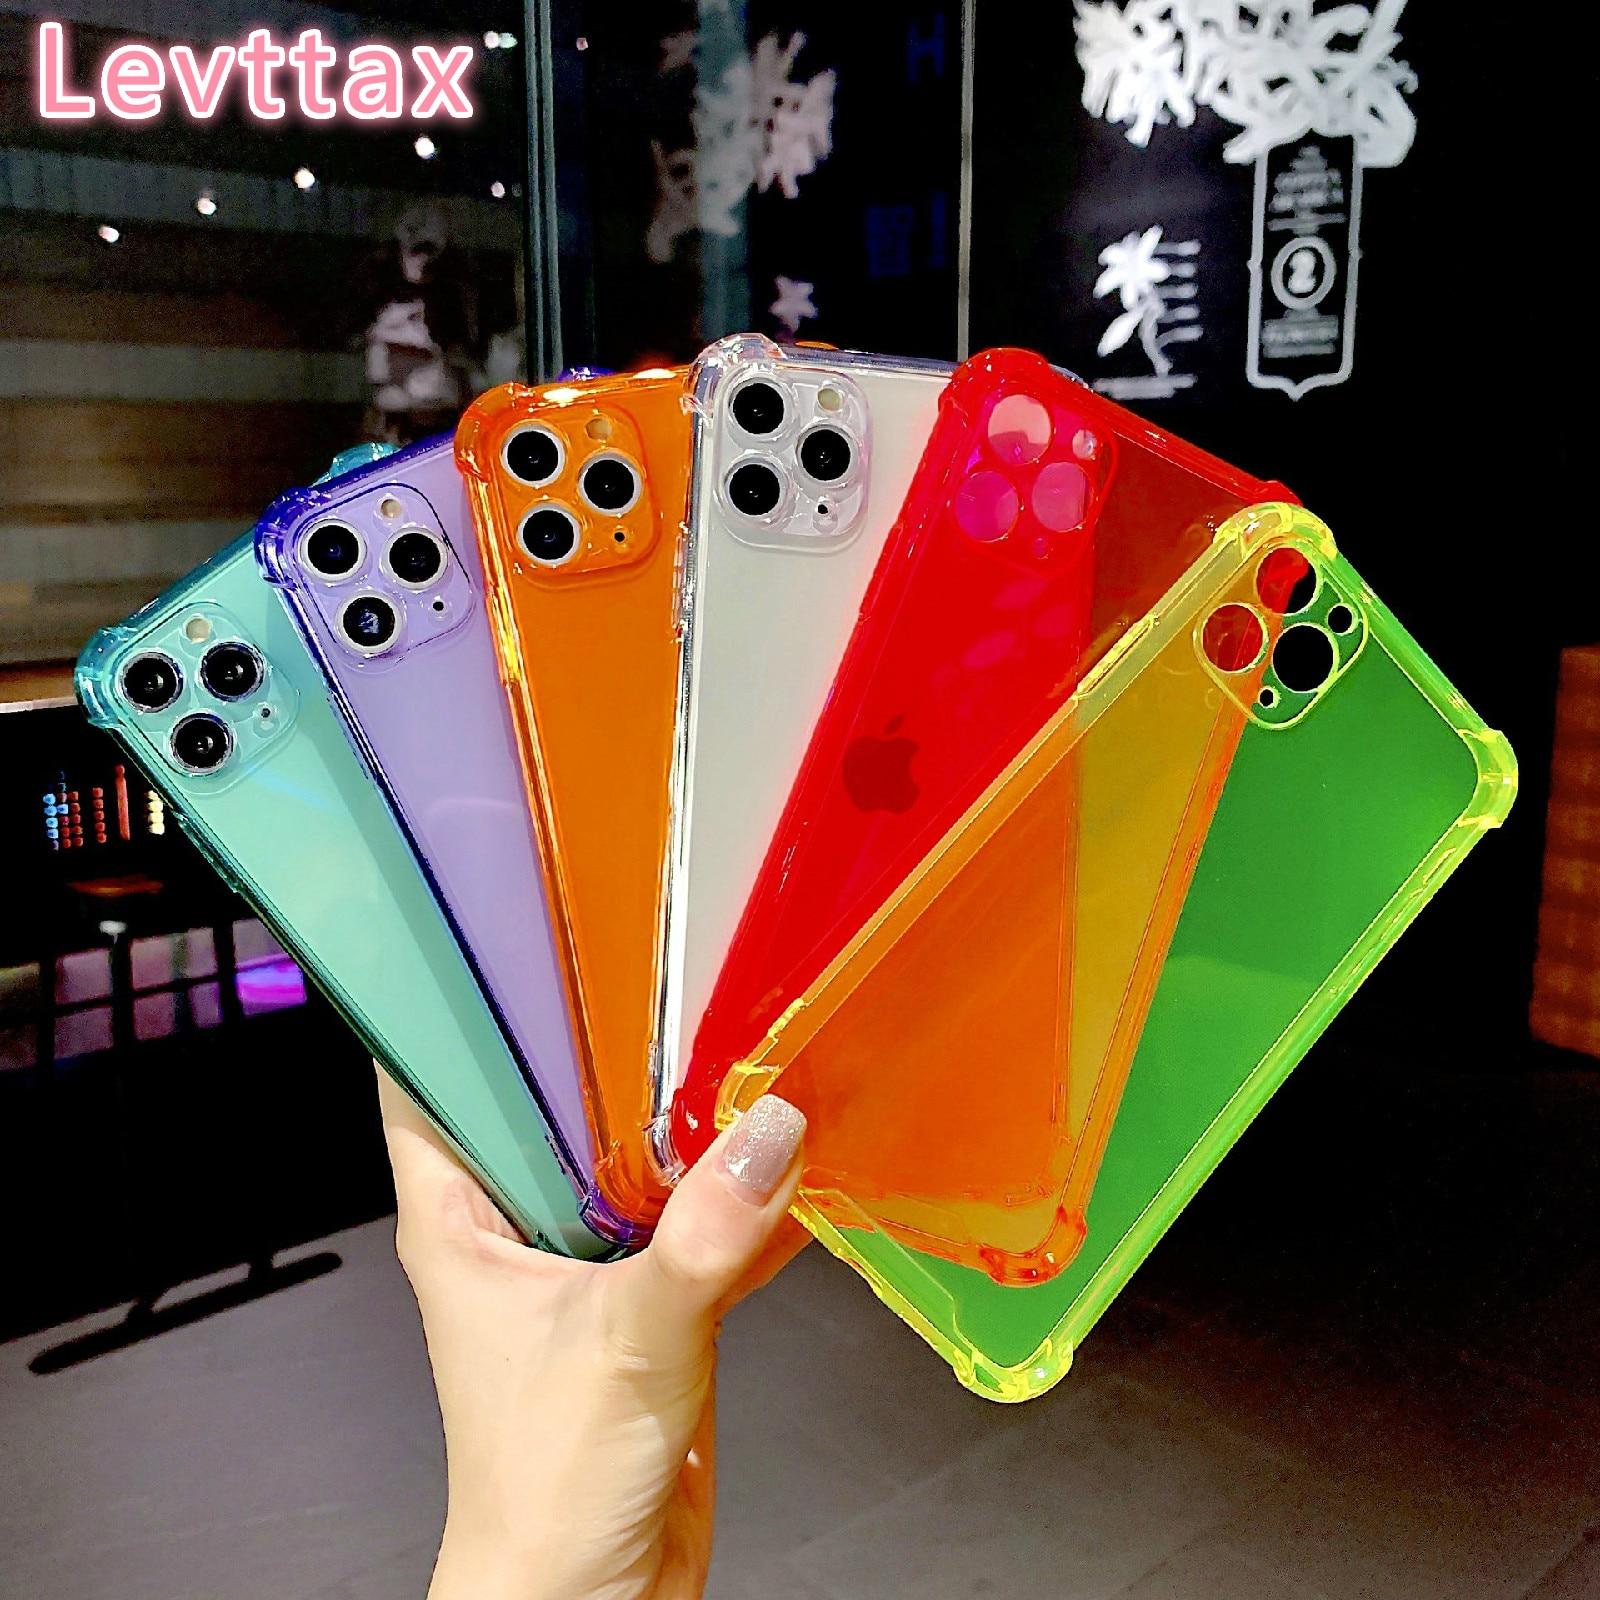 100 قطعة لهاتف iPhone 12 mini الفلوريسنت حافظة ملونة مضادة للصدمات لهاتف iPhone 11 Pro Max XS XR X 6 7 8 Plus غطاء شفاف ناعم من مادة TPU